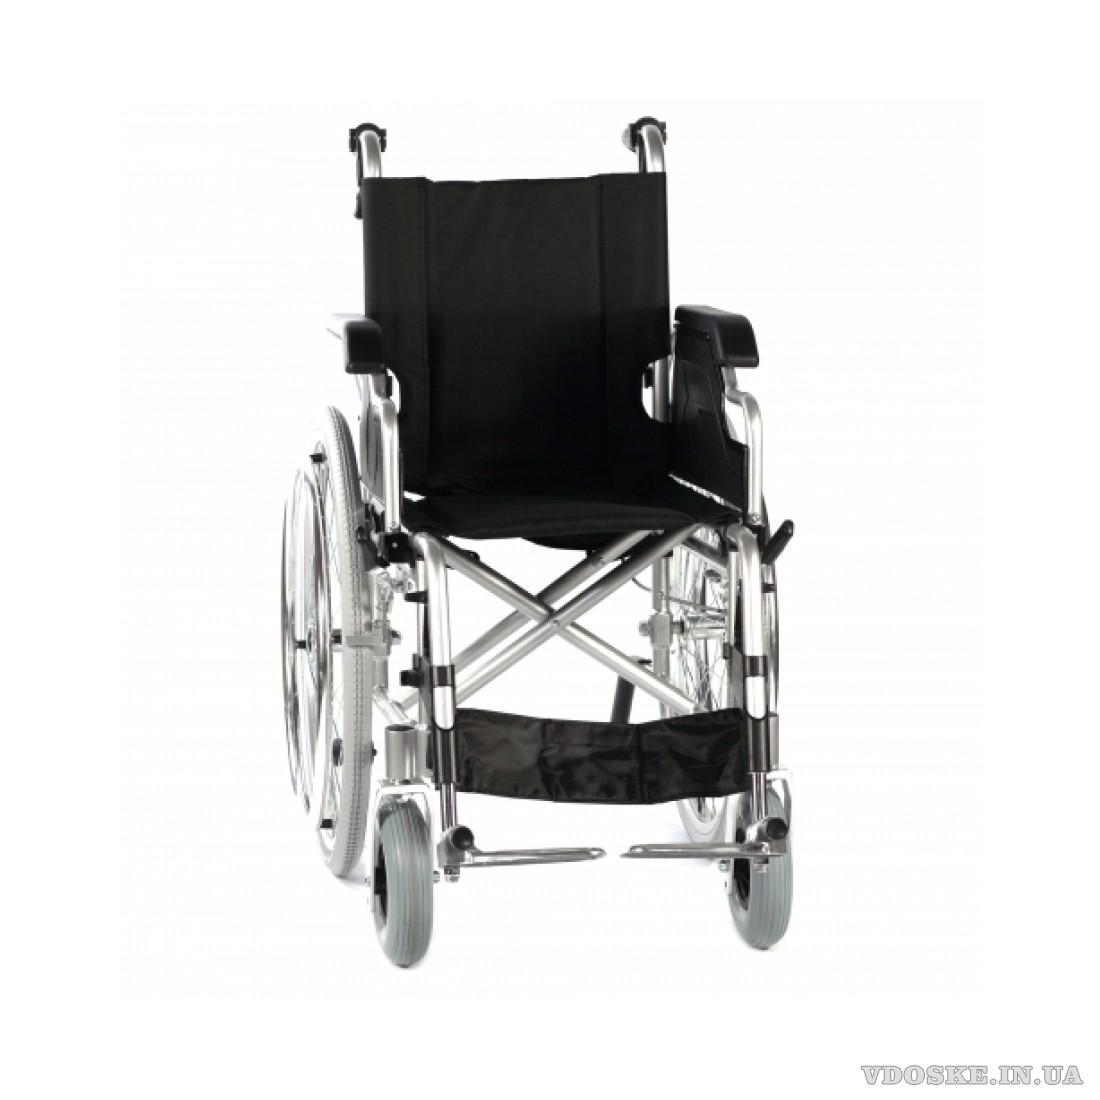 Аренда инвалидных колясок, Киев. Взять инвалидное кресло в аренду